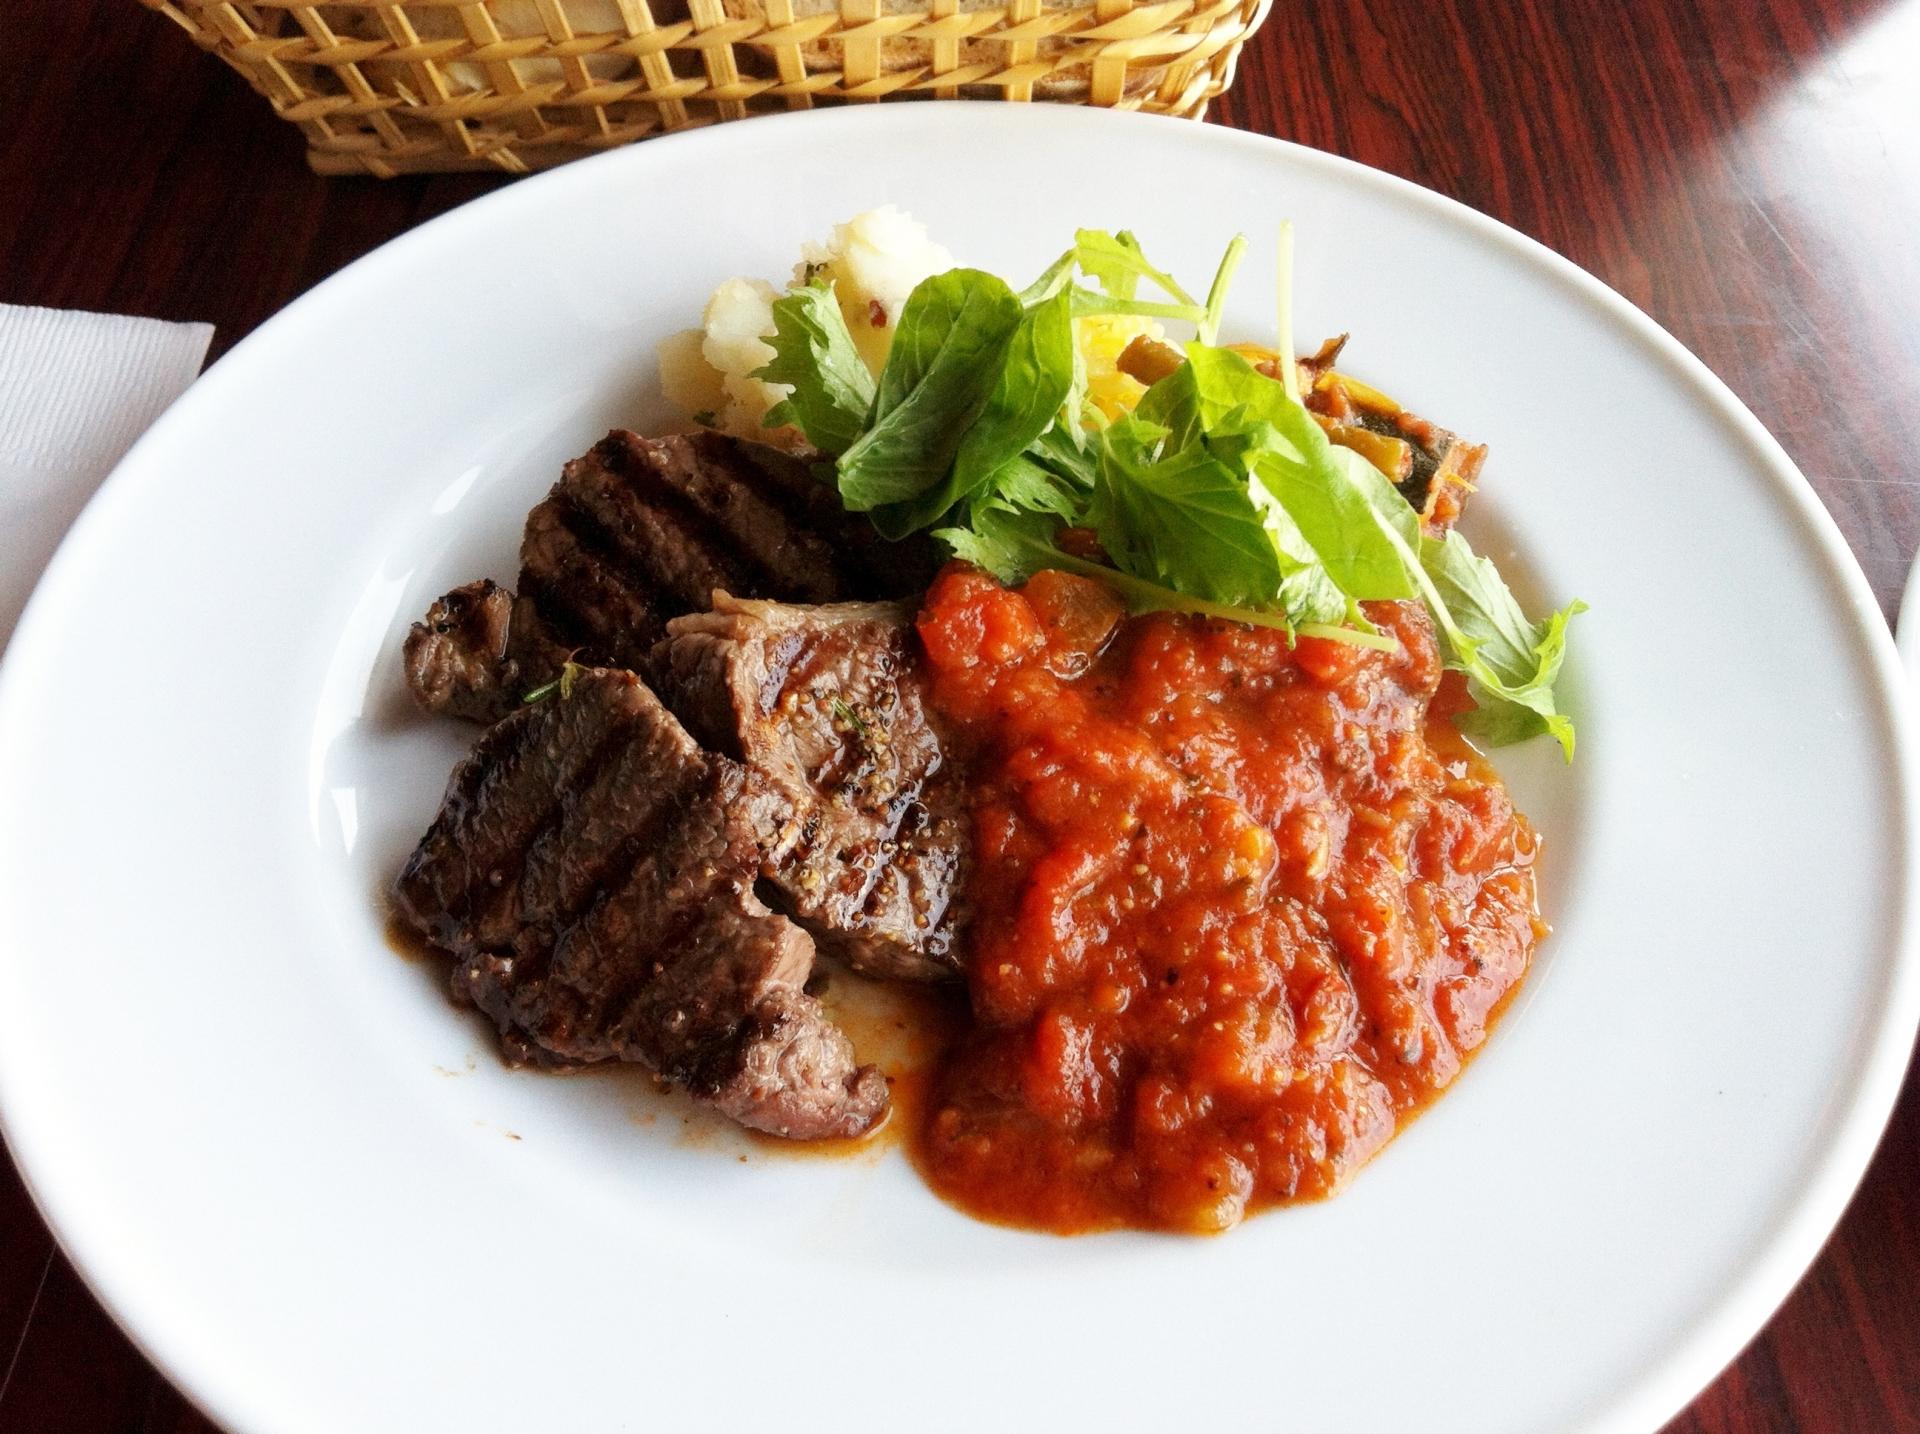 信州・蓼科生まれの天然狩猟肉・鹿(しか)肉|蓼科(たてしな)ジビエ|ジビエ料理